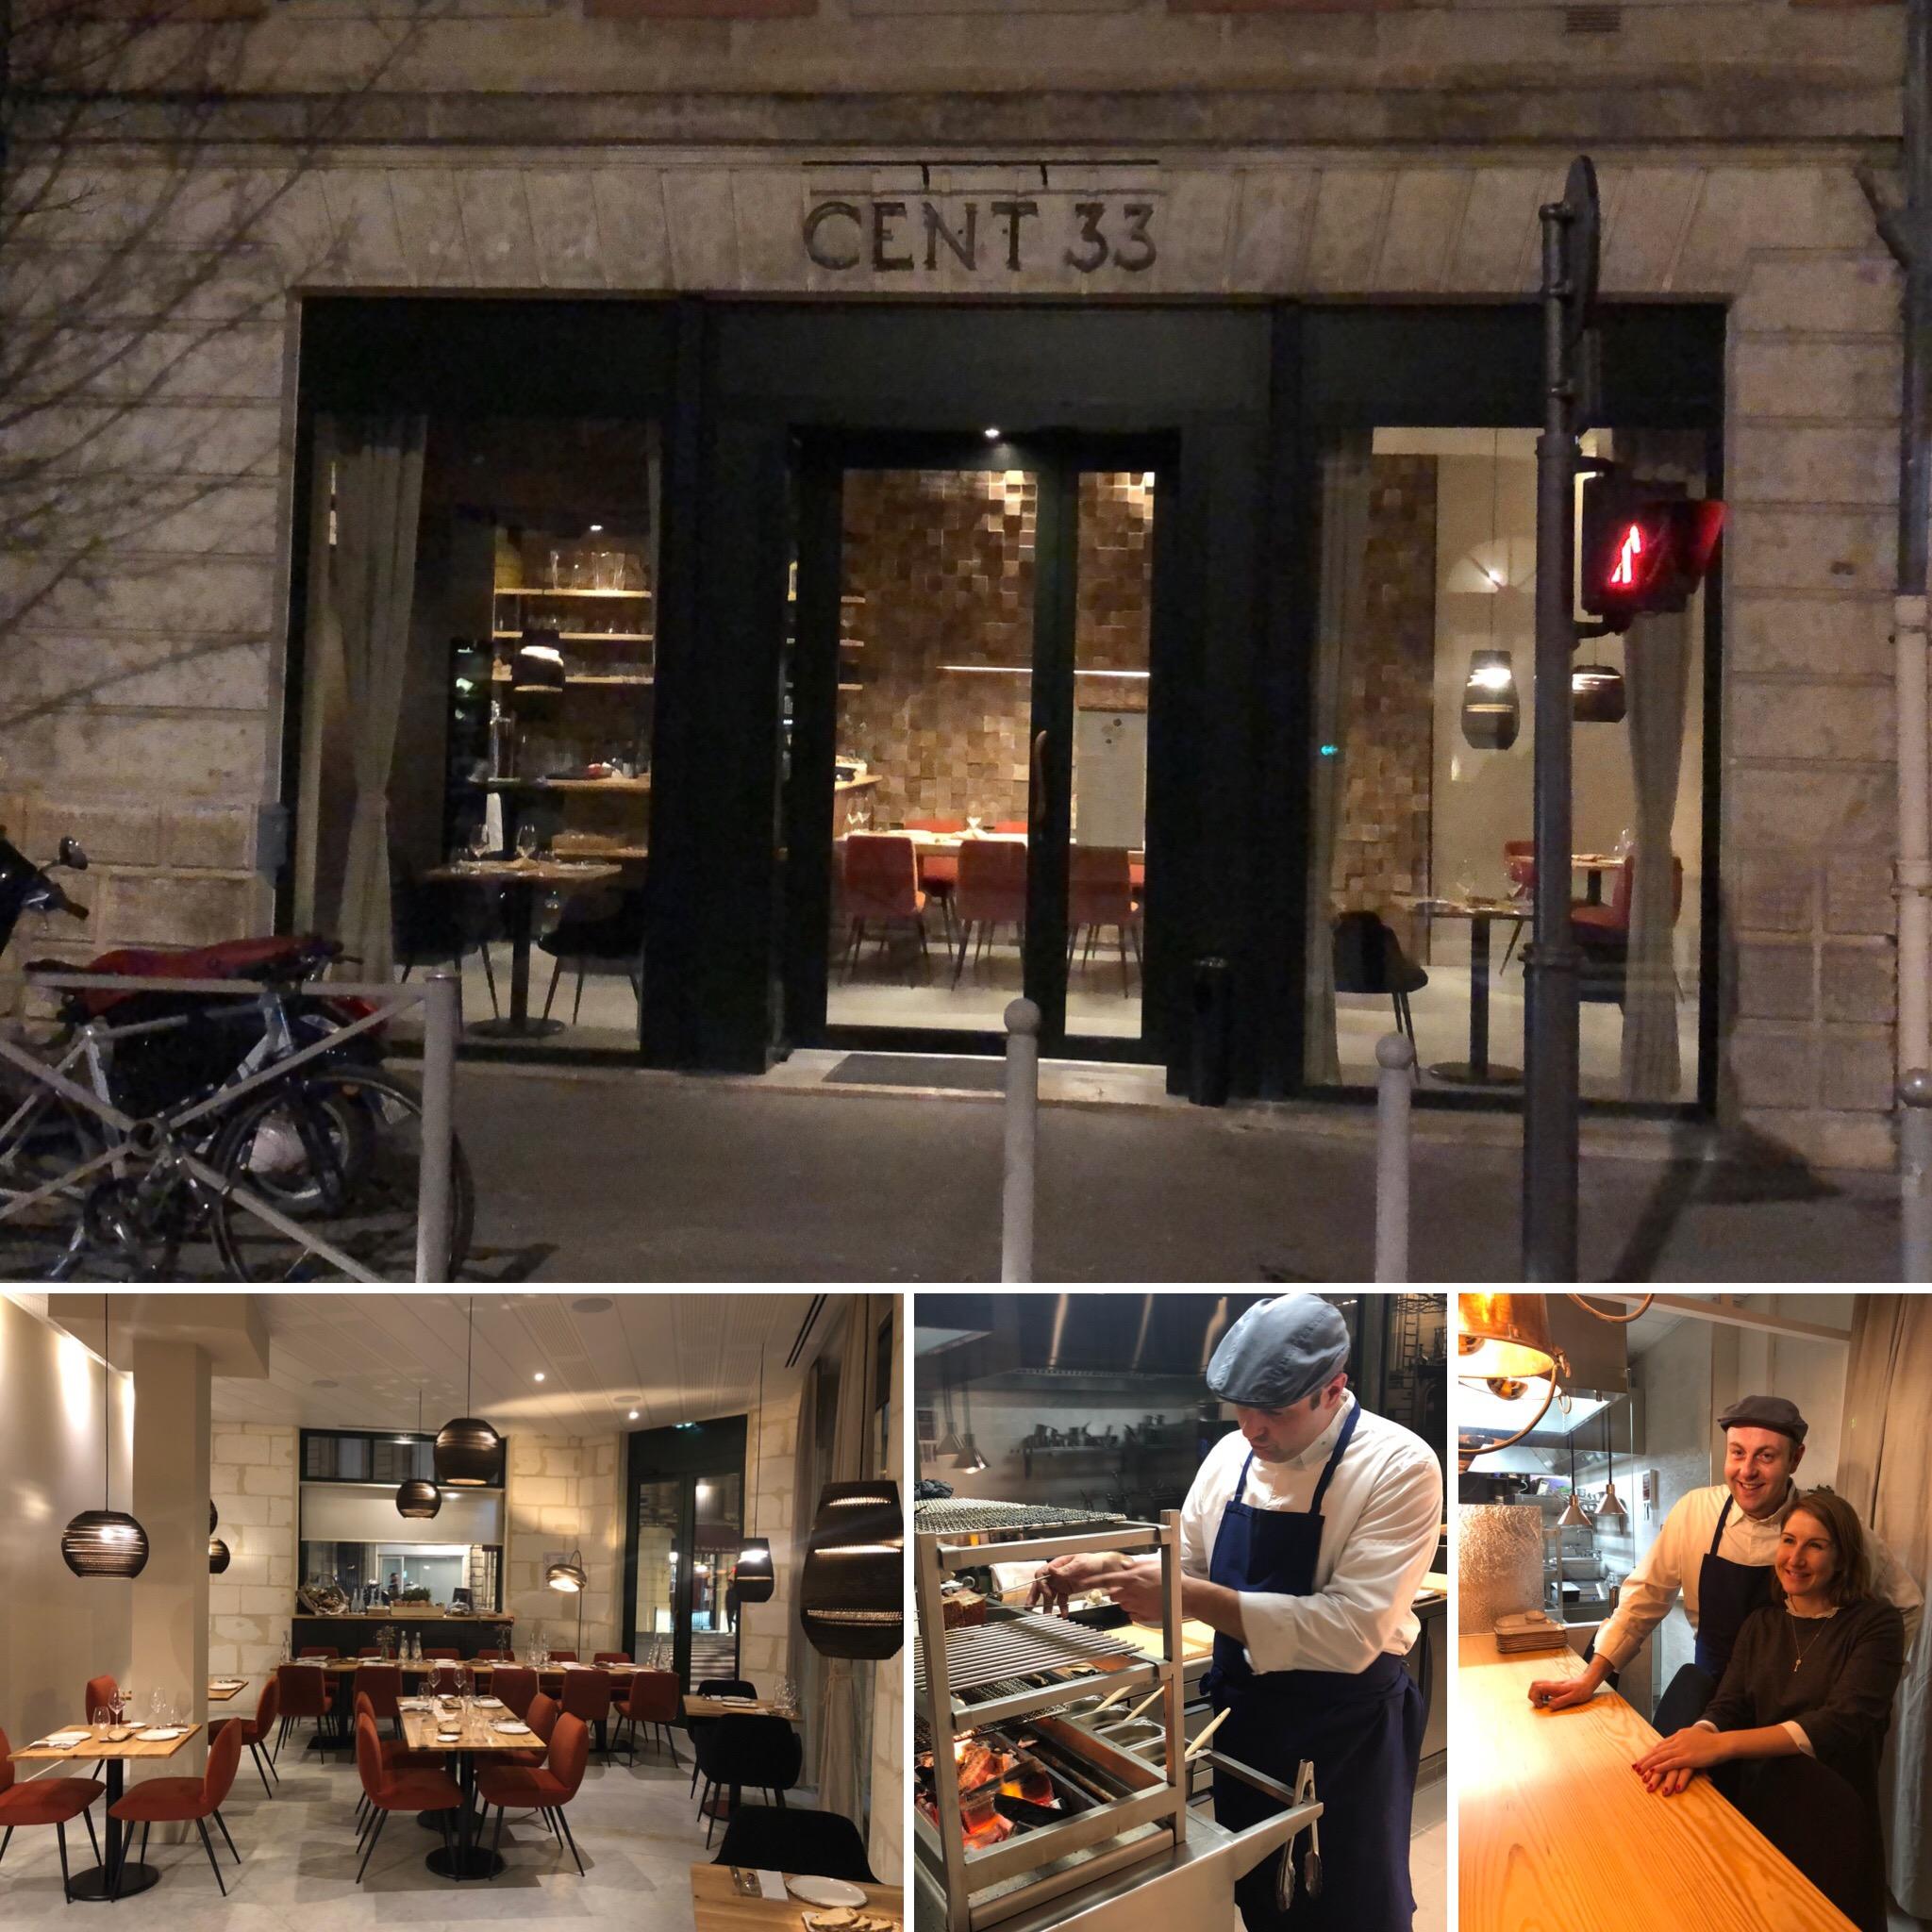 Cent 33 : un nouveau concept pour plus de convivialité autour de la gastronomie française